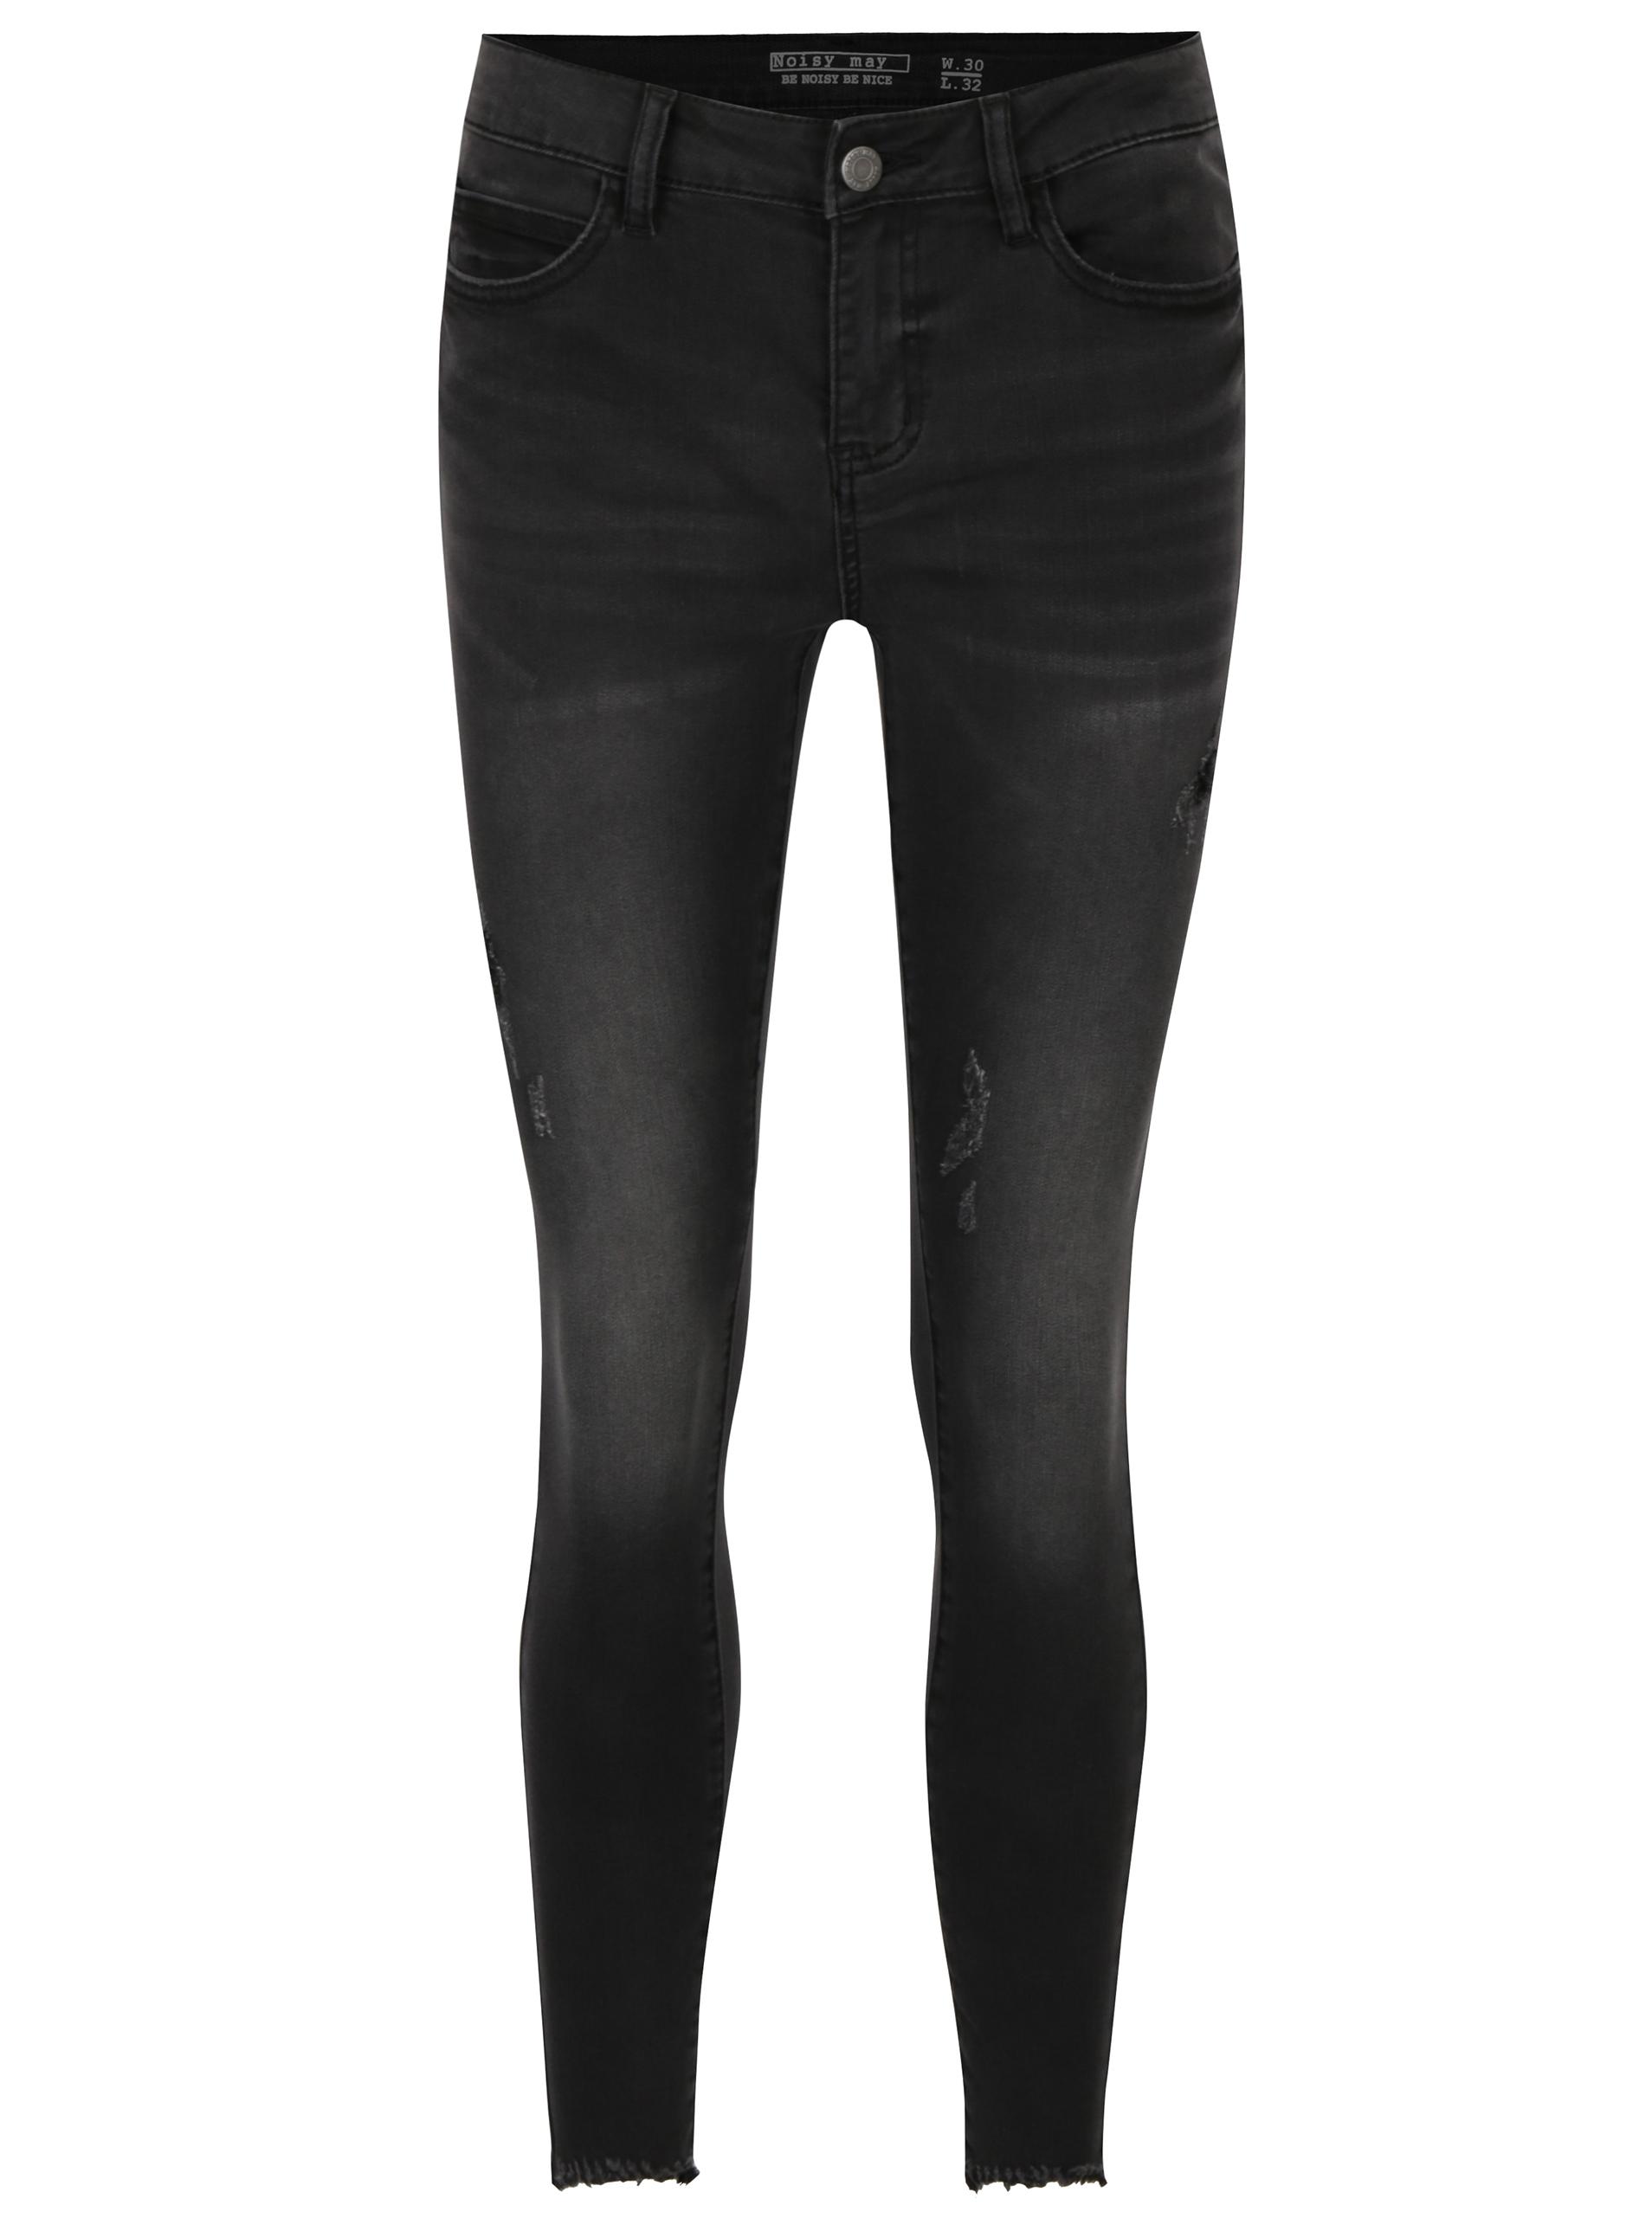 Tmavě šedé skinny džíny s potrhaným efektem Noisy May Lucy  6cd74e0575